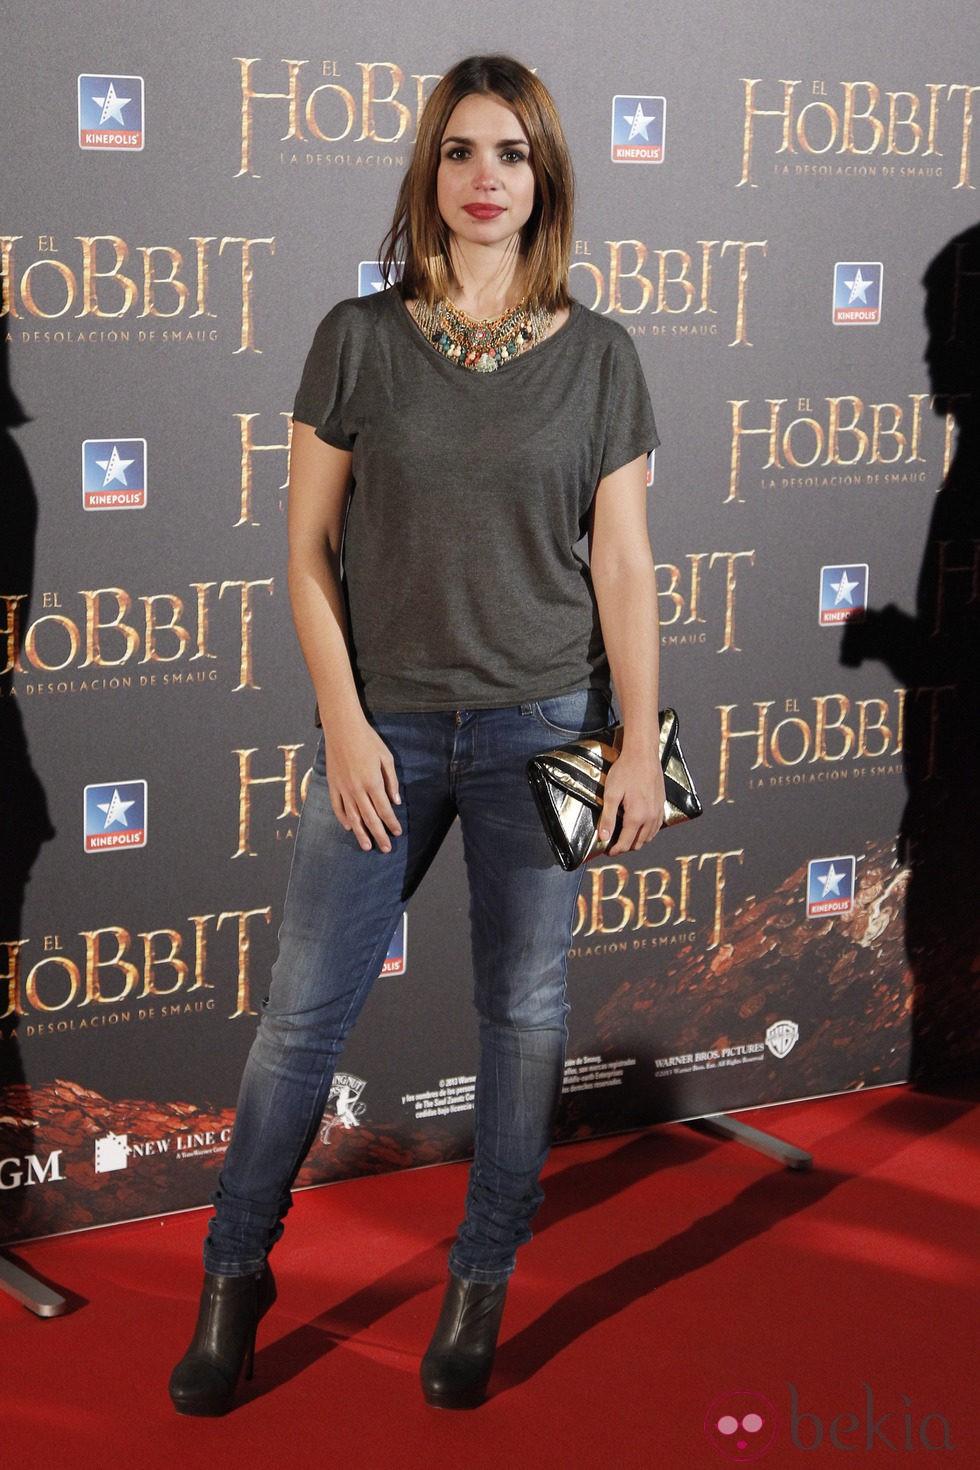 Elena Furiase en el estreno de 'El Hobbit: La desolación de Smaug' en Madrid